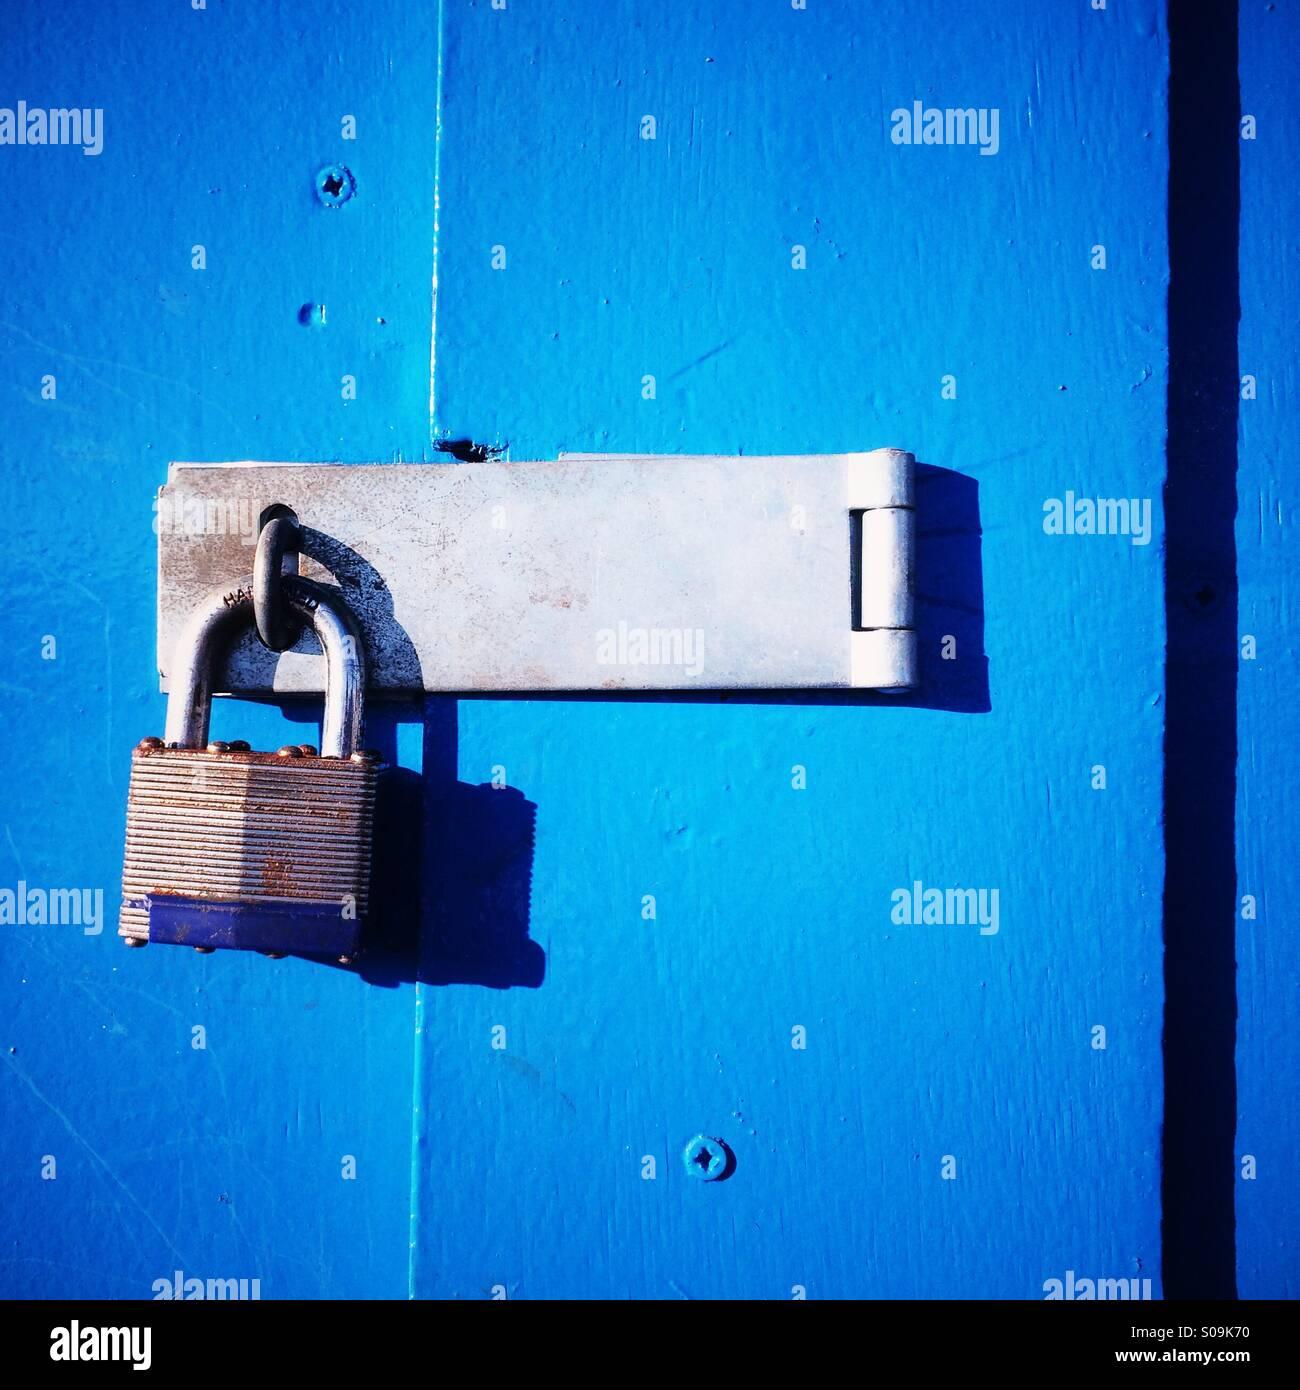 Ein Vorhängeschloss auf einer blauen Tür. Stockbild